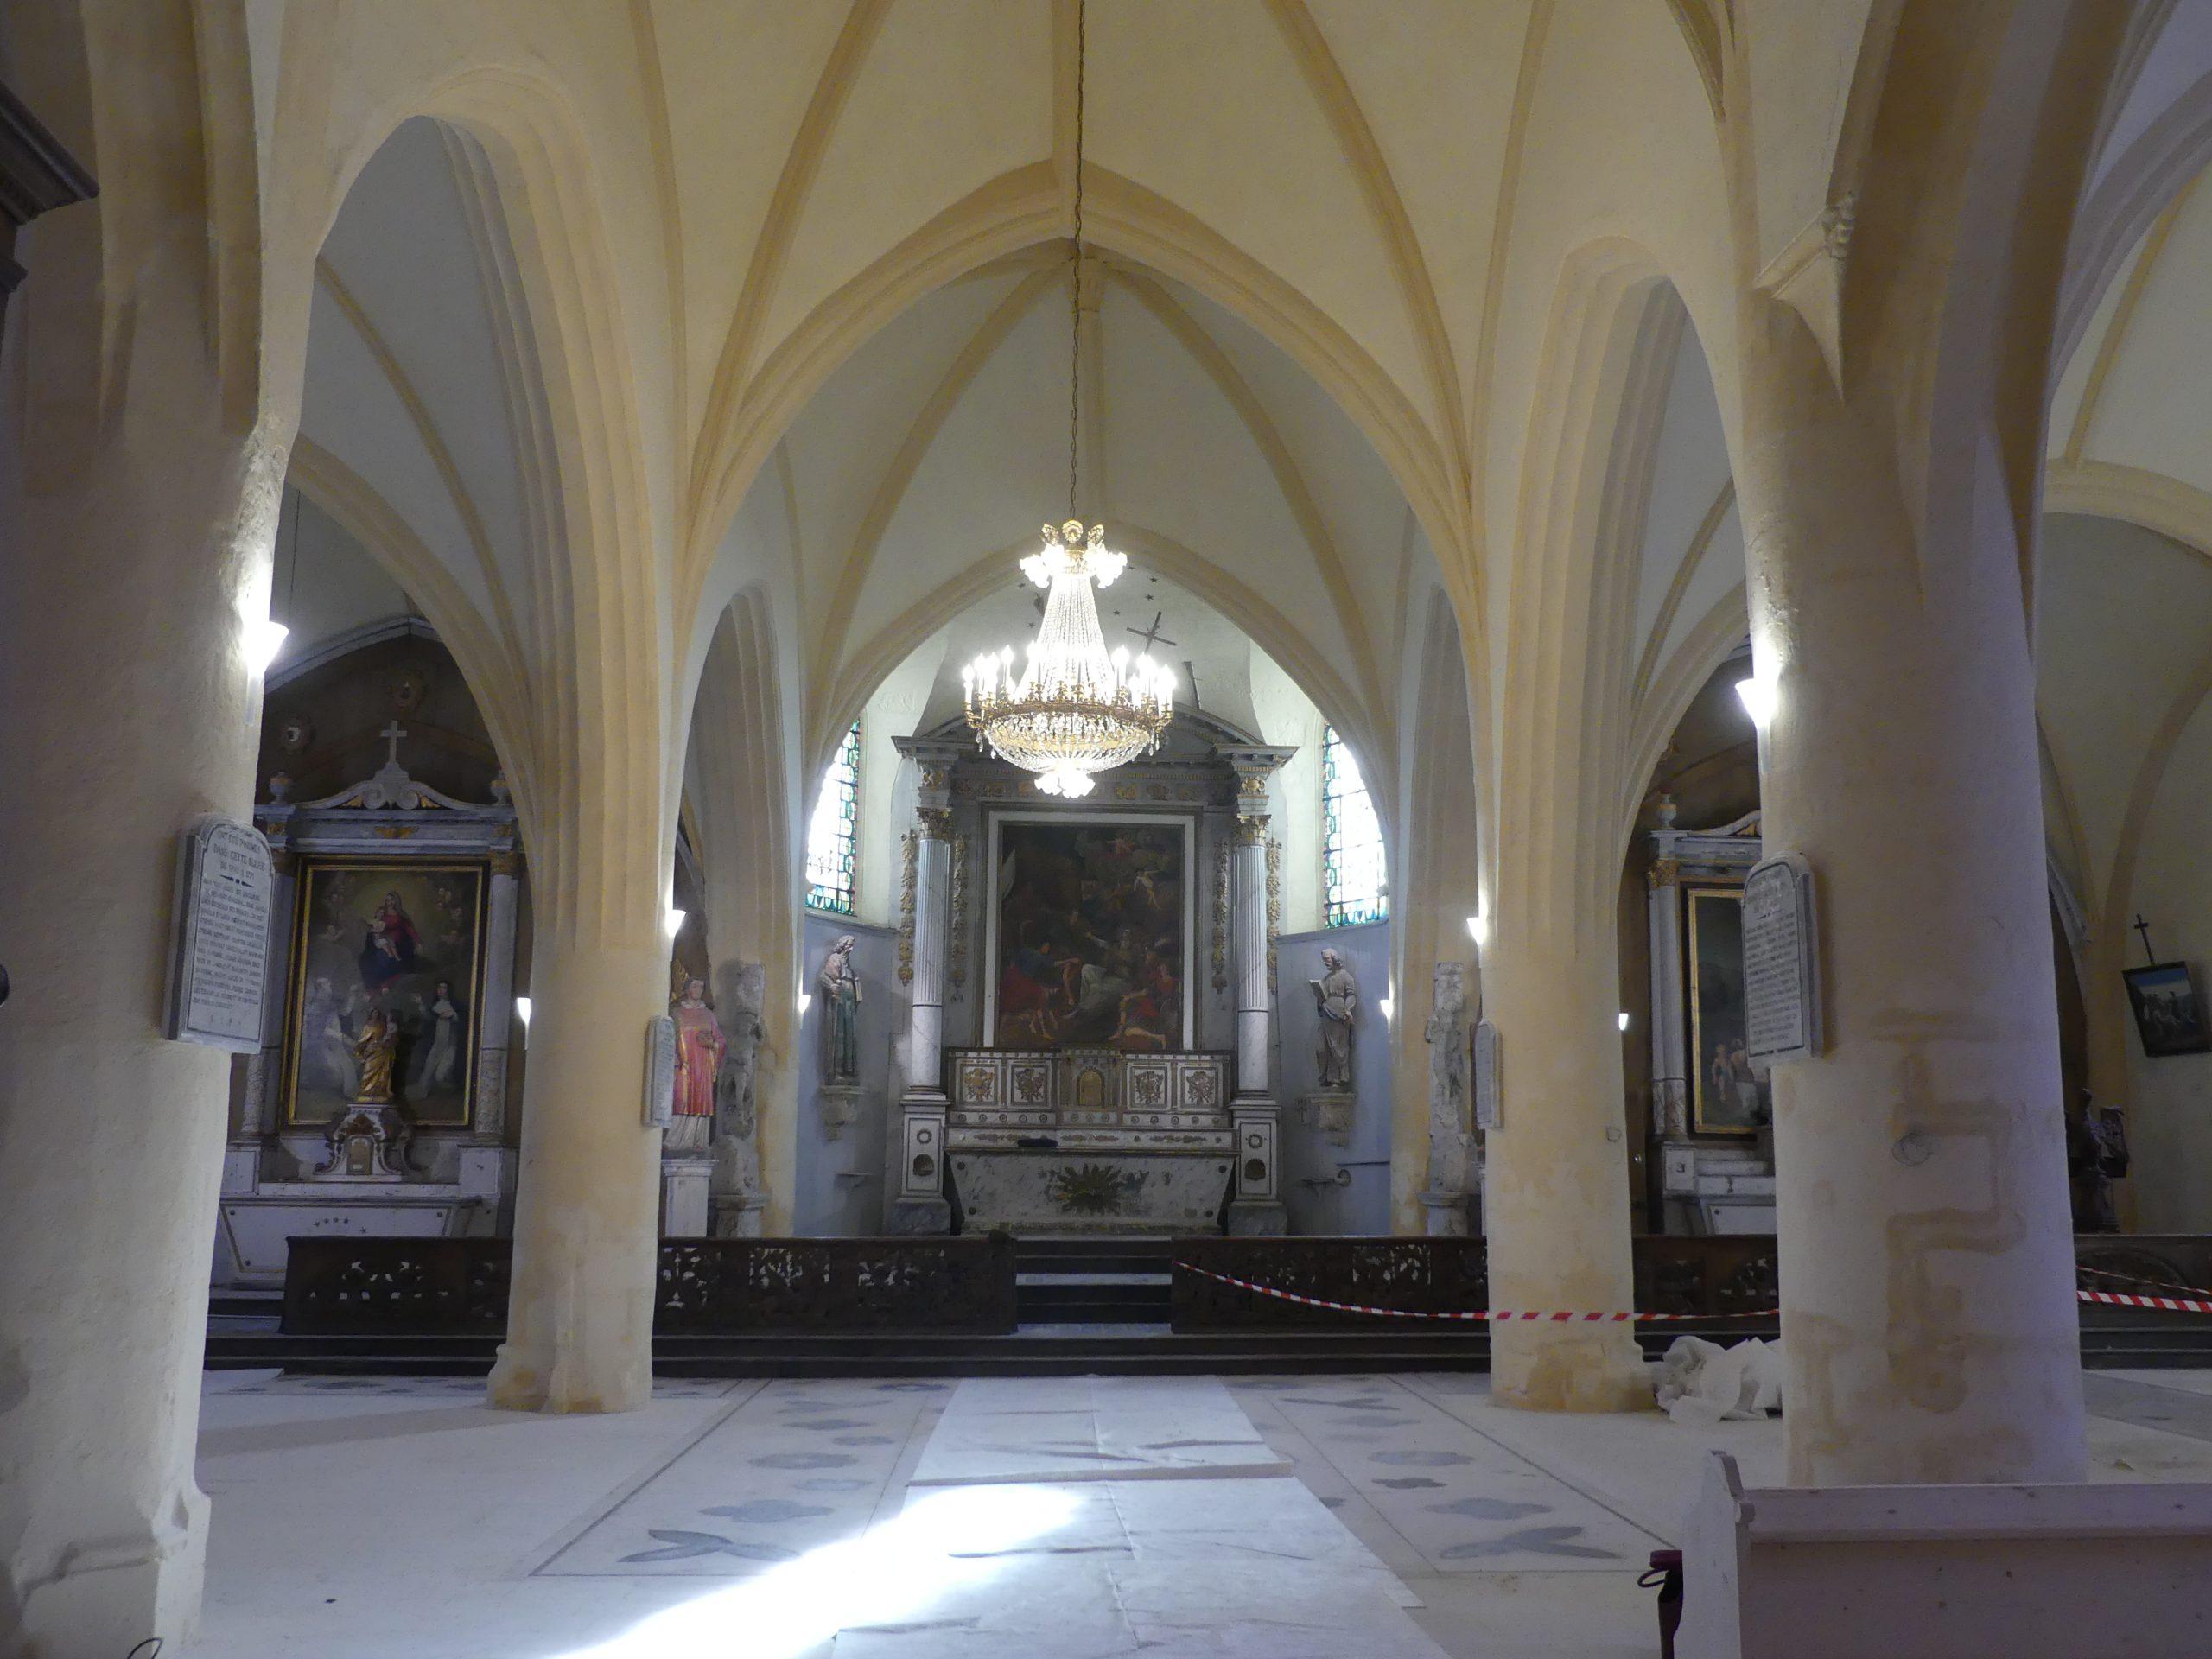 Ars - Travaux église - Intérieur - 3 février 2020